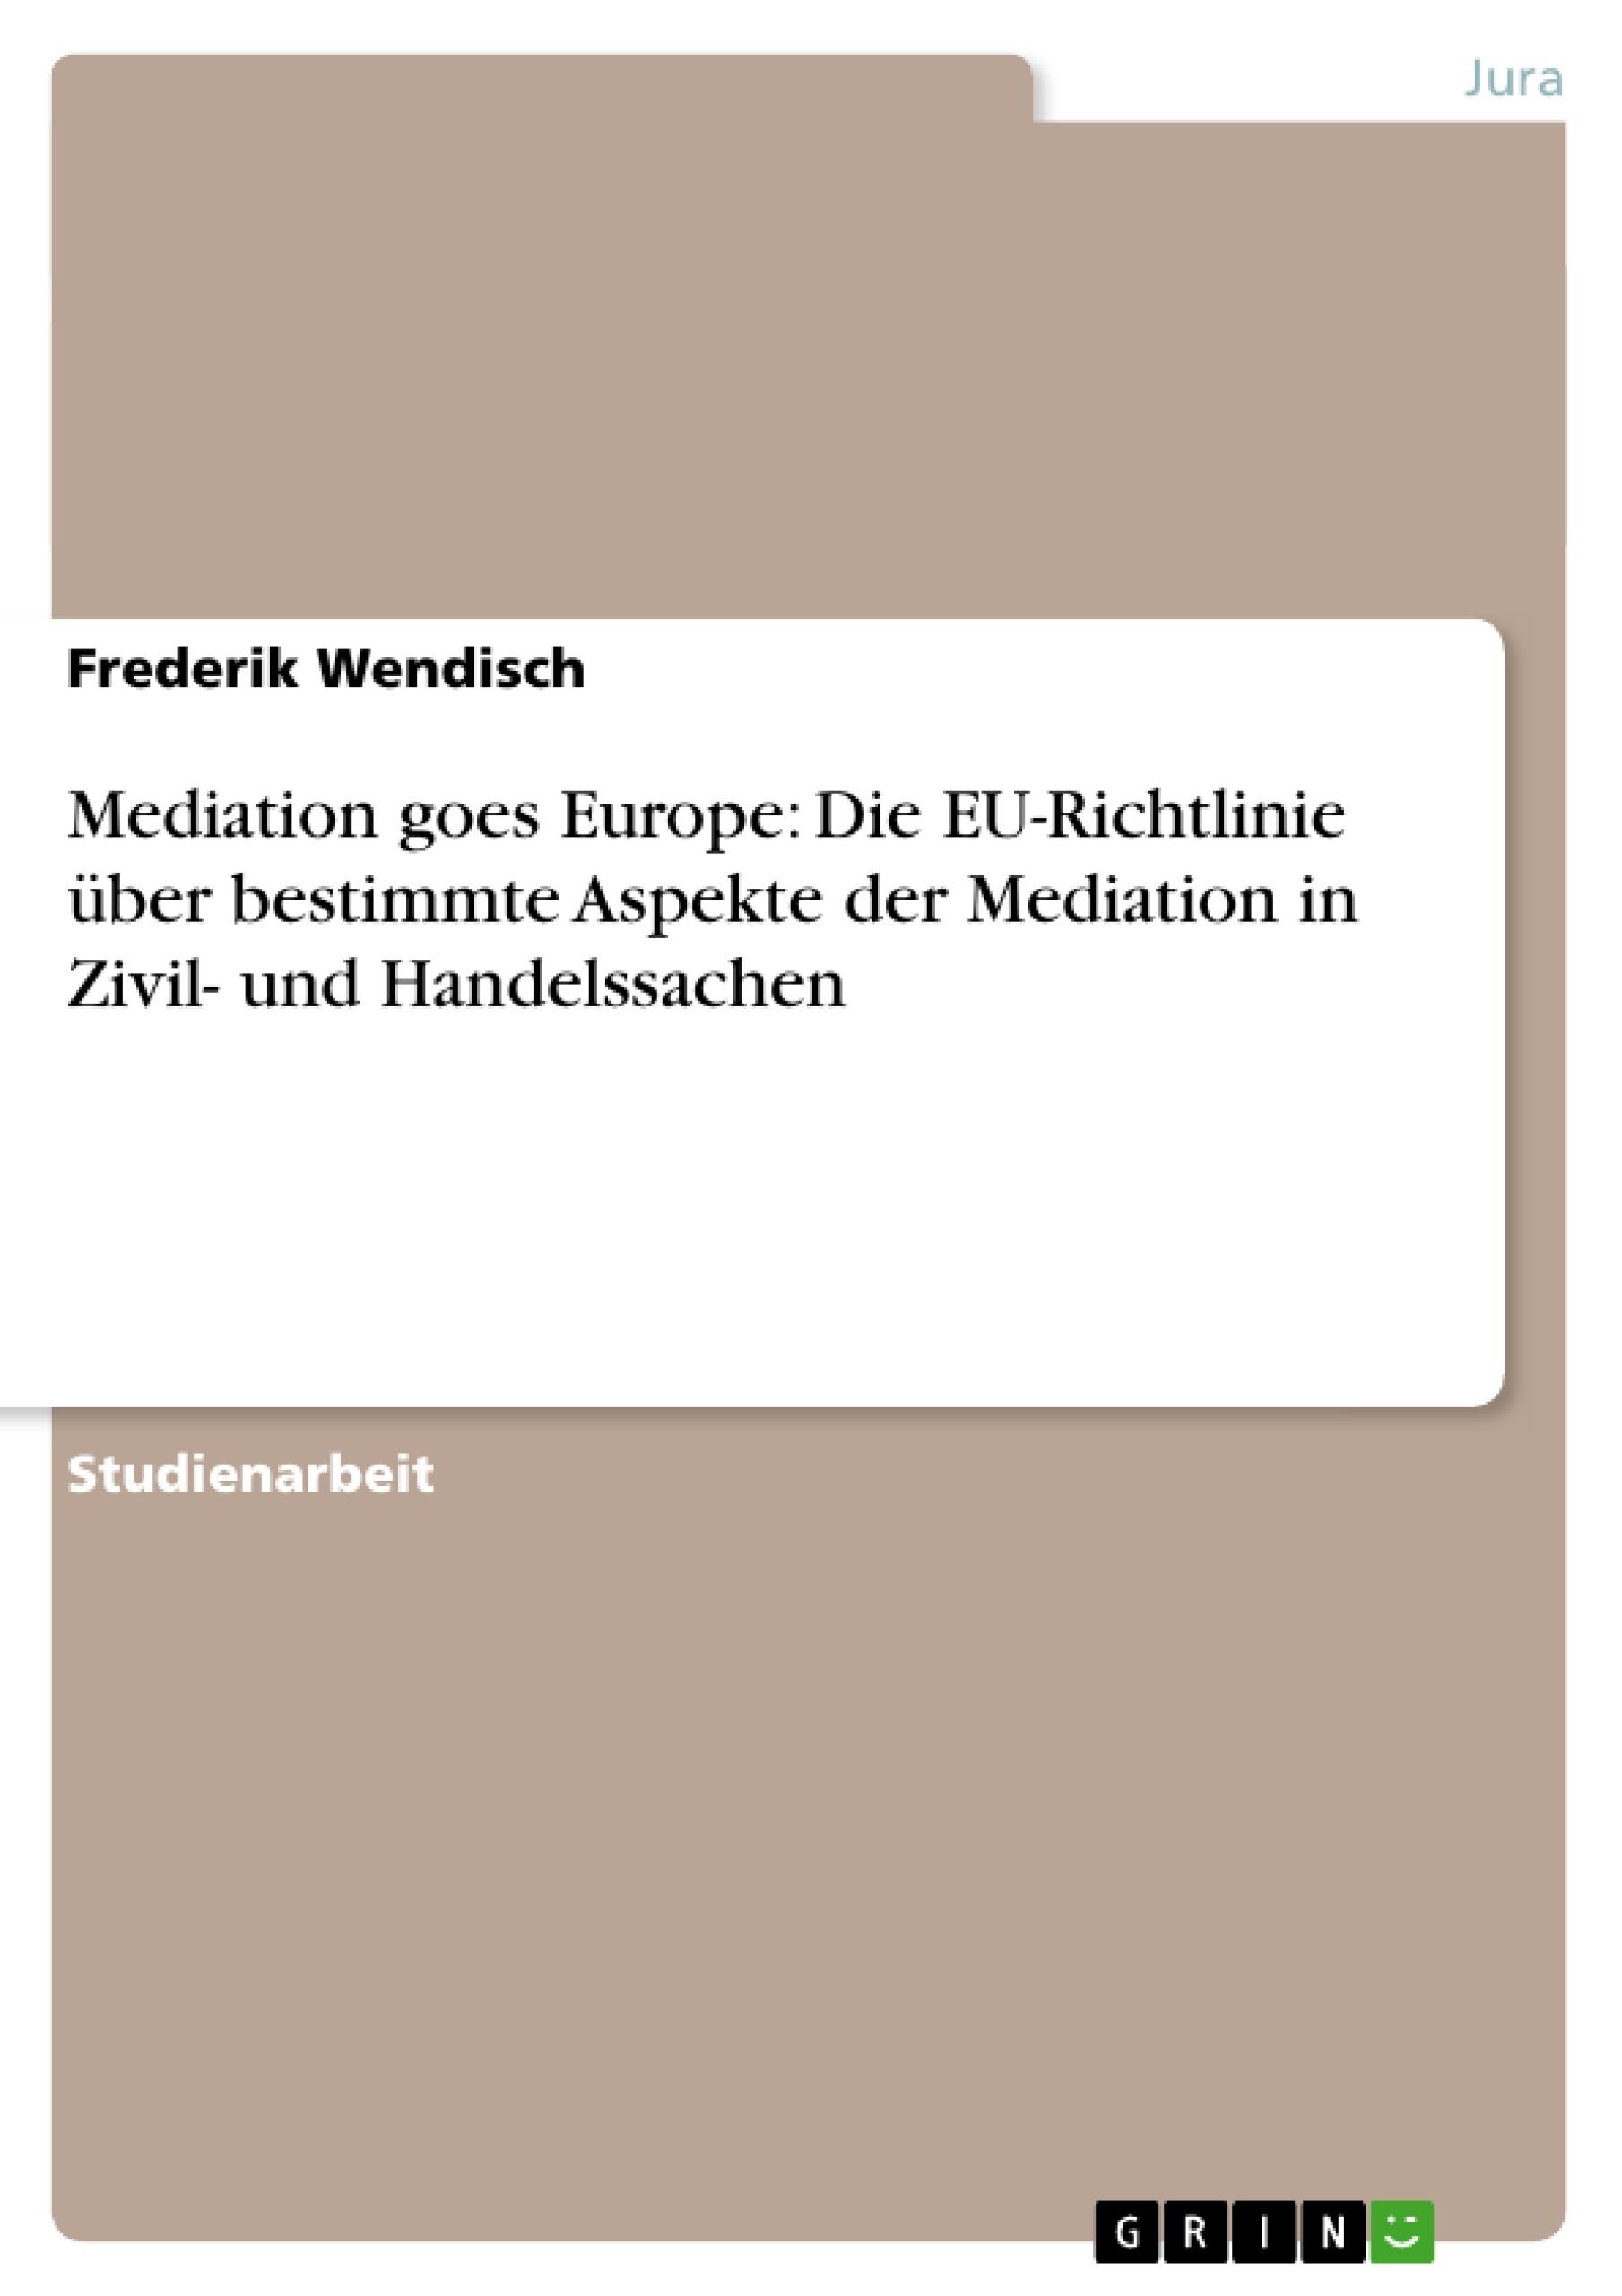 Titel: Mediation goes Europe: Die EU-Richtlinie über bestimmte Aspekte der Mediation in Zivil- und Handelssachen